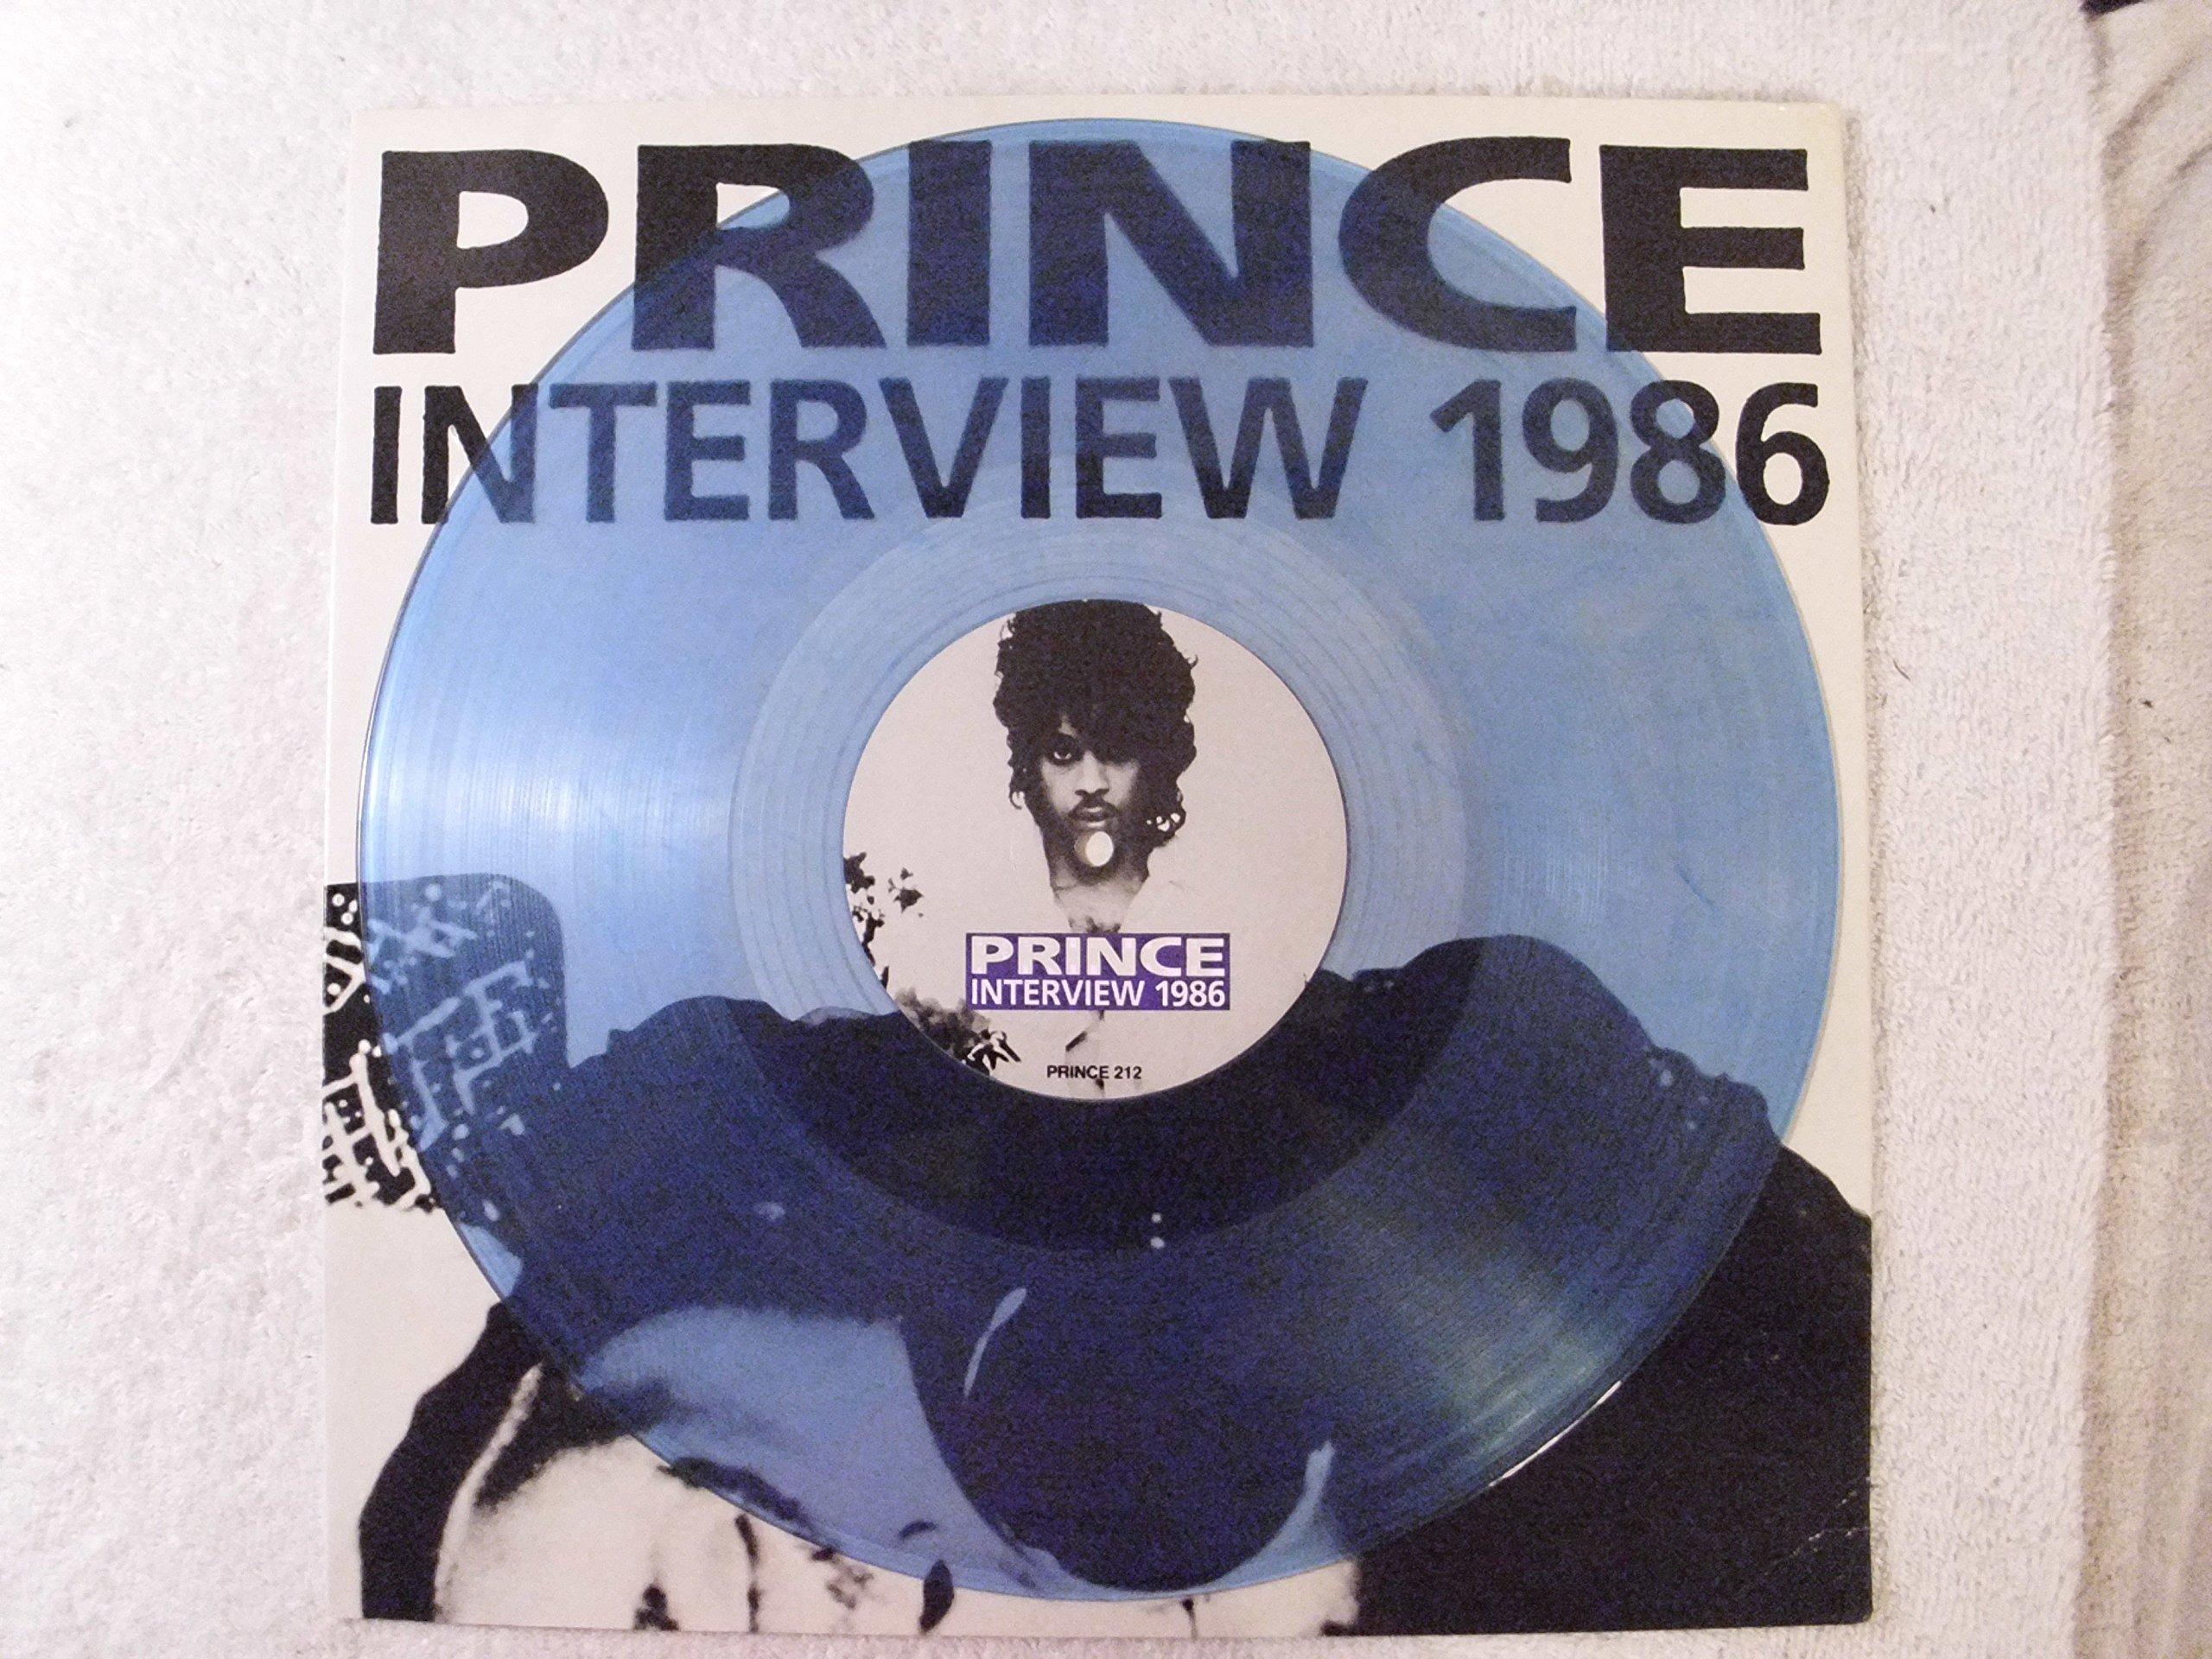 Prince Interview 1986 BLUE Vinyl UK Import LP